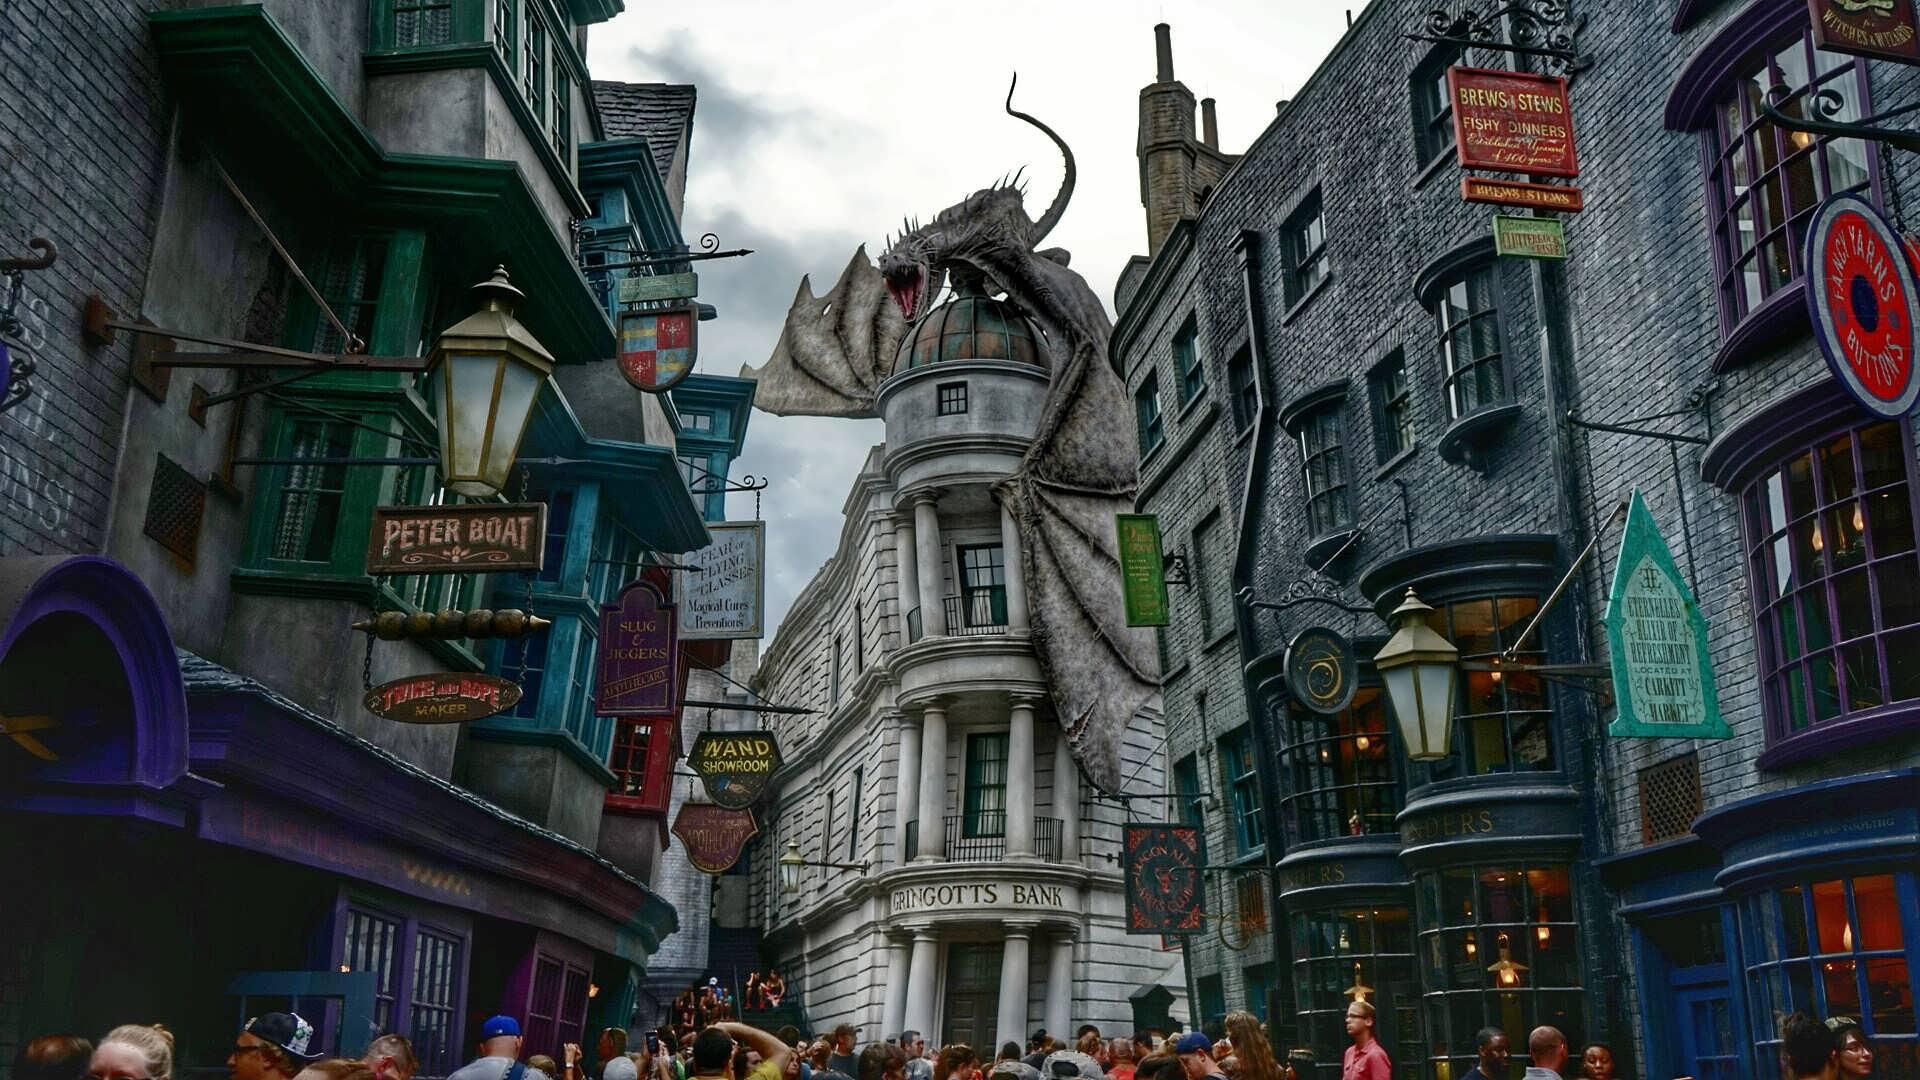 Nova diversão a caminho de parque temático de Harry Potter